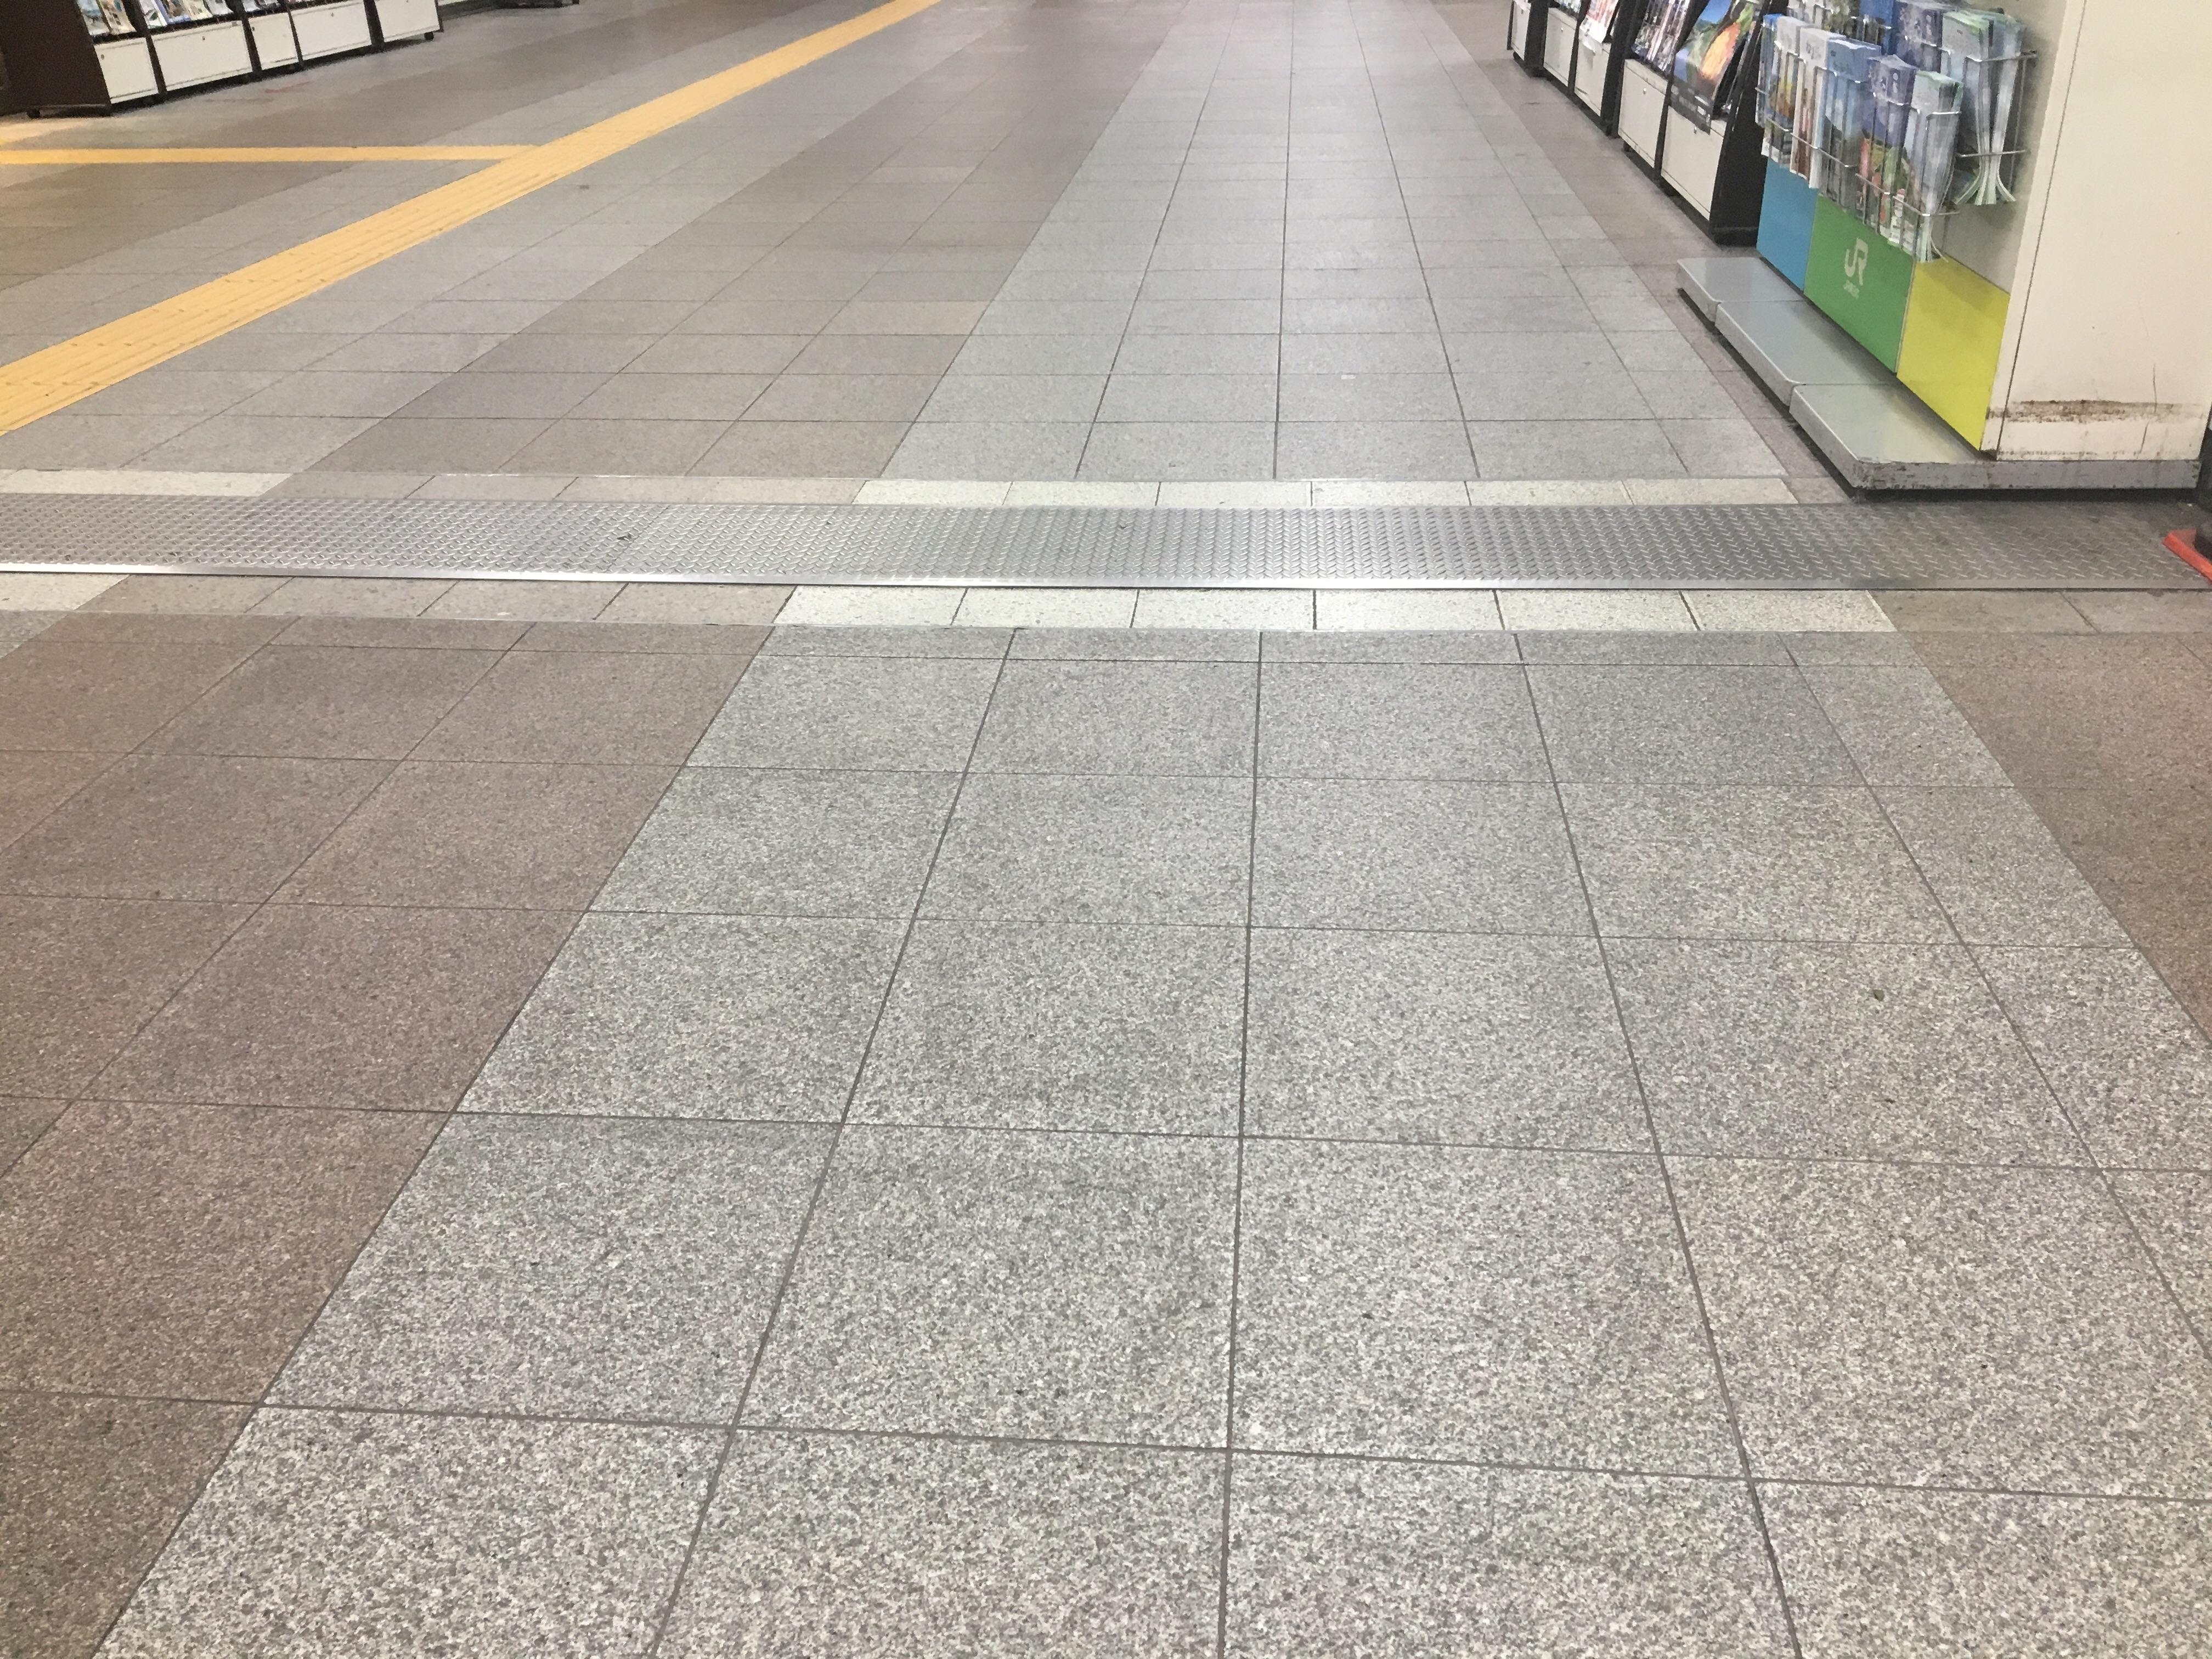 f:id:kaminashiko:20180706005049j:plain